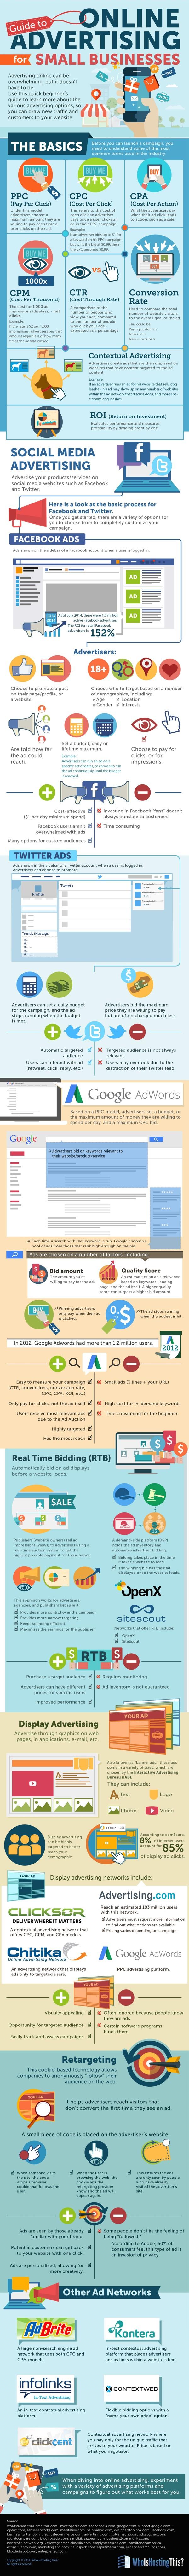 Que Ofrecen Los Anuncios Publicidad Online Infografia